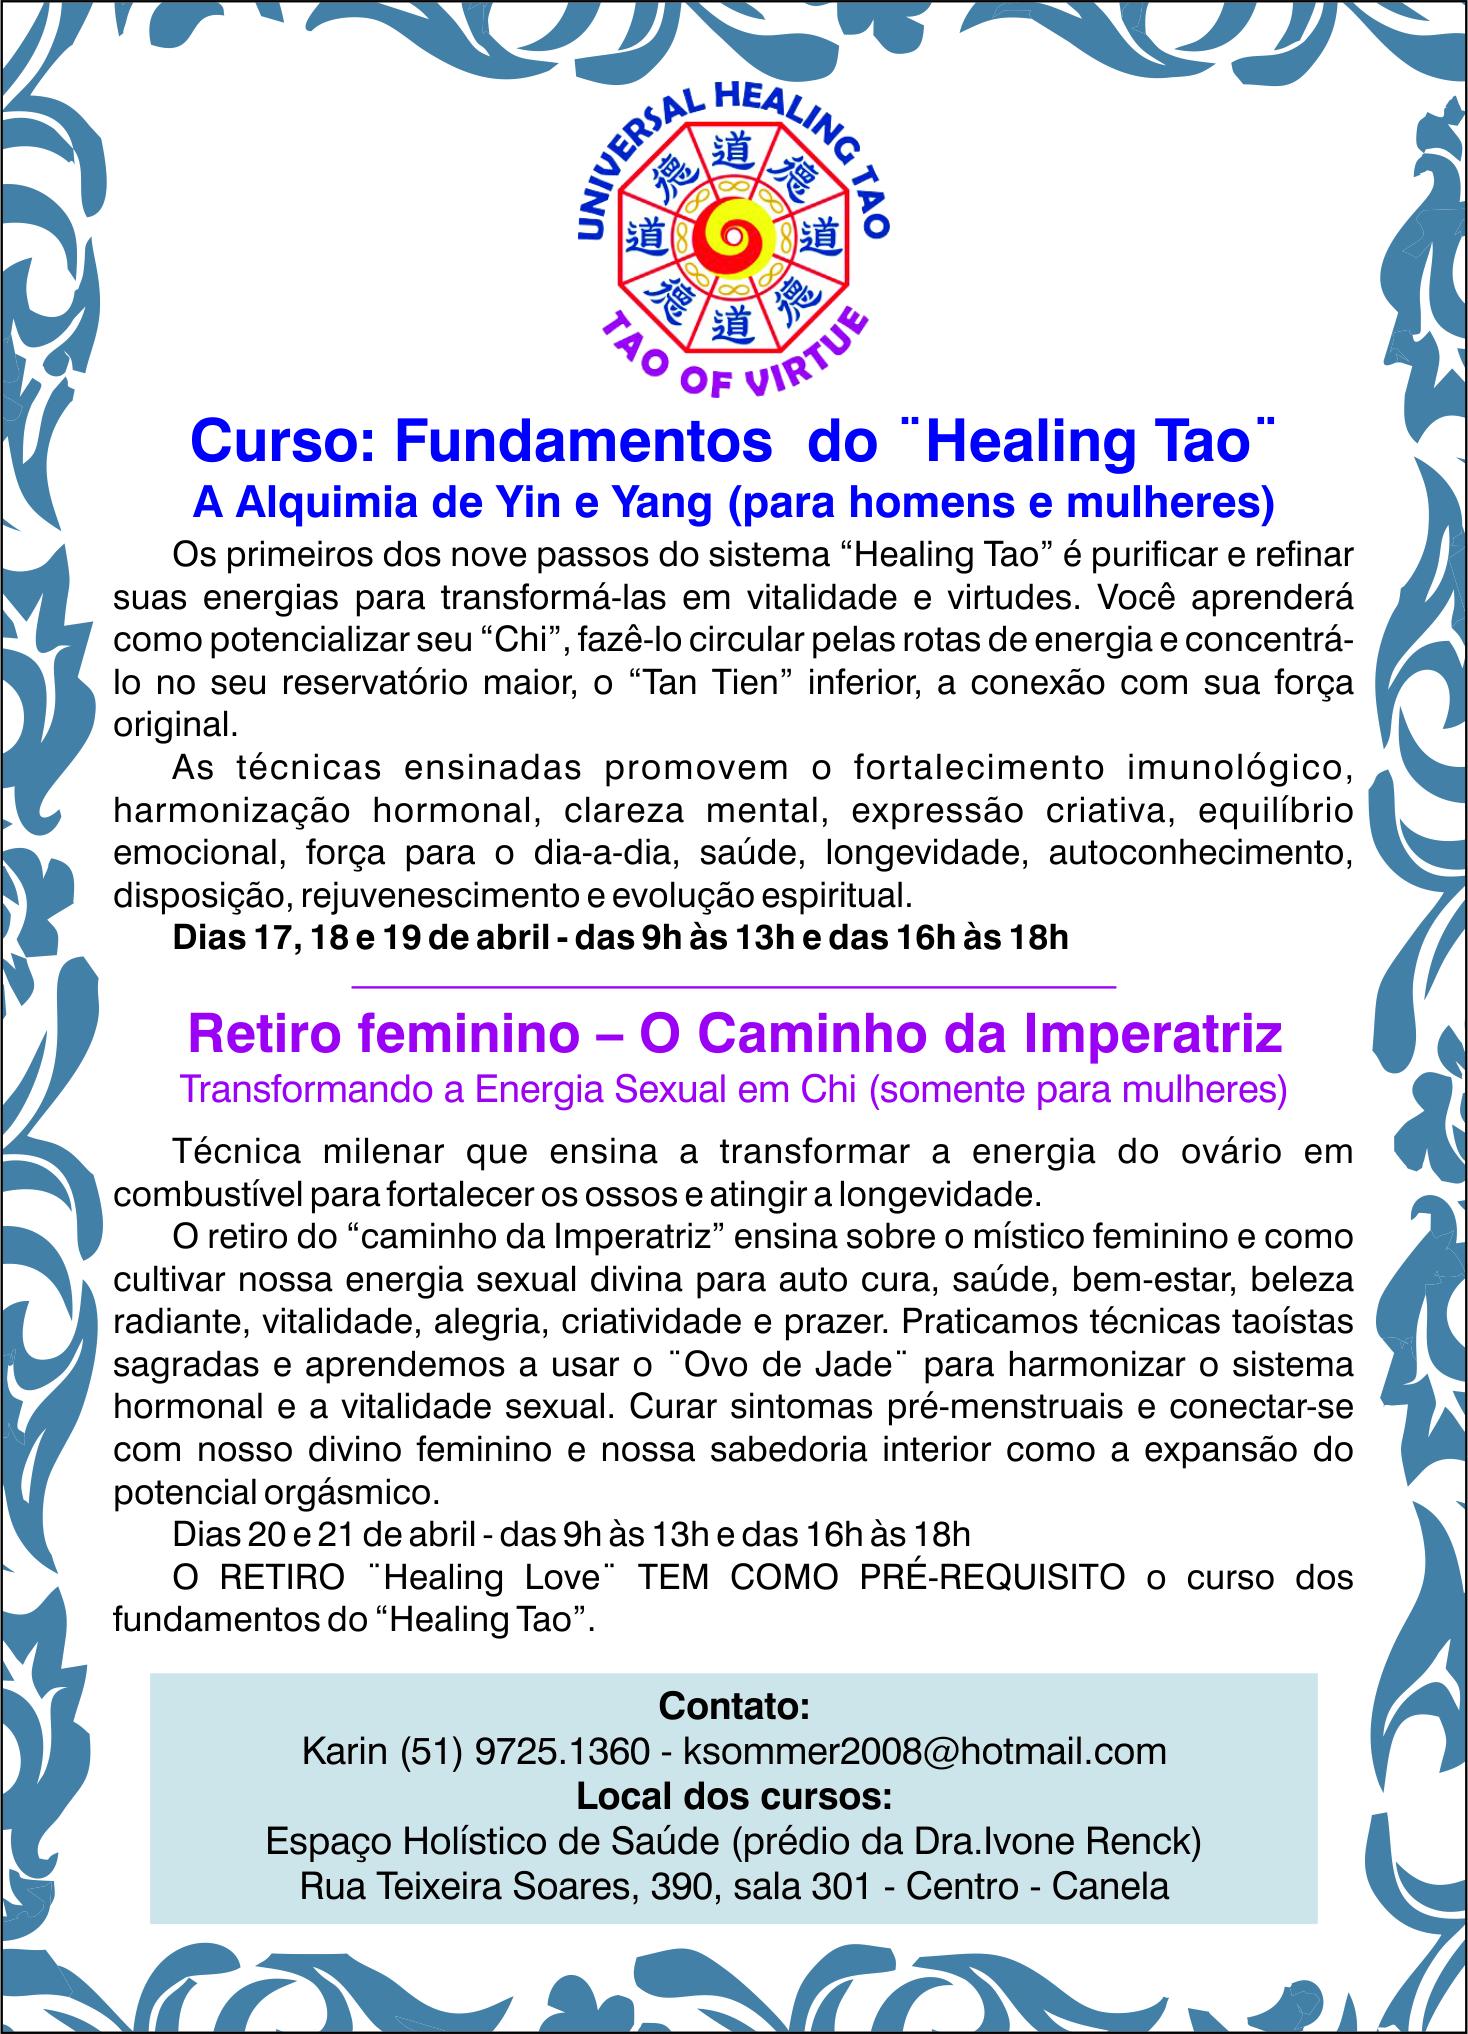 Healing tao marco 2014